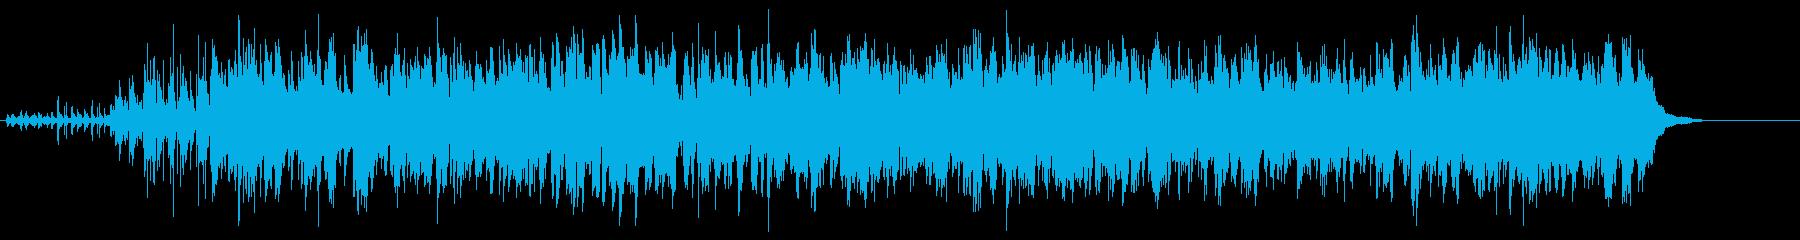 リラックスできるベースの利いたJAZZの再生済みの波形